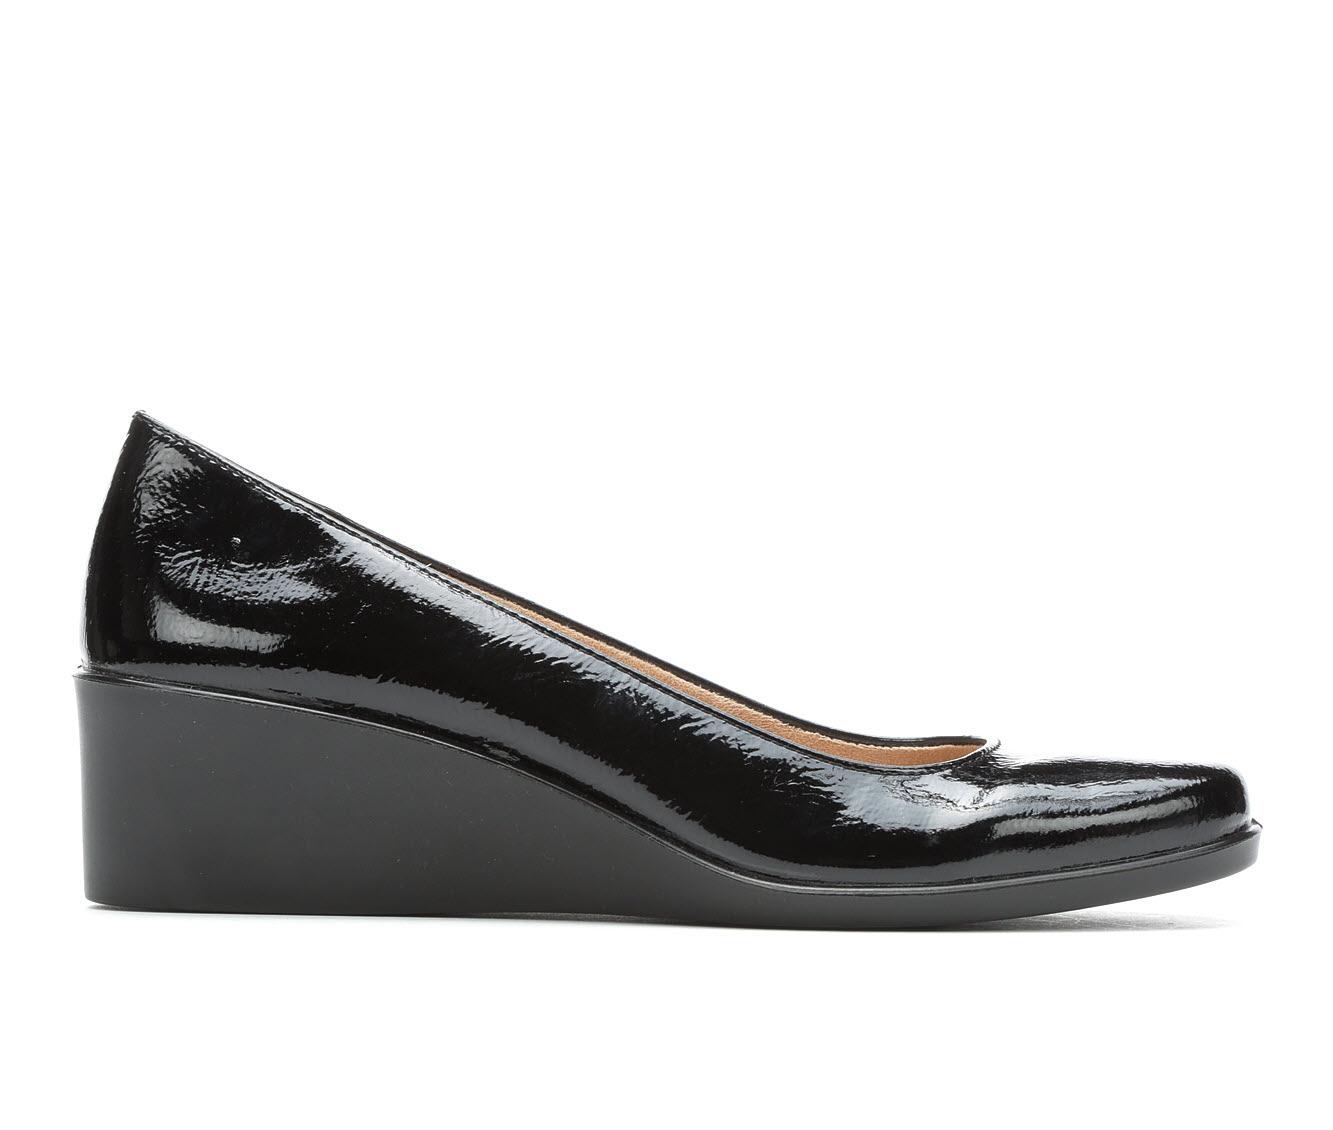 LifeStride Lauren Women's Shoe (Black Faux Leather)